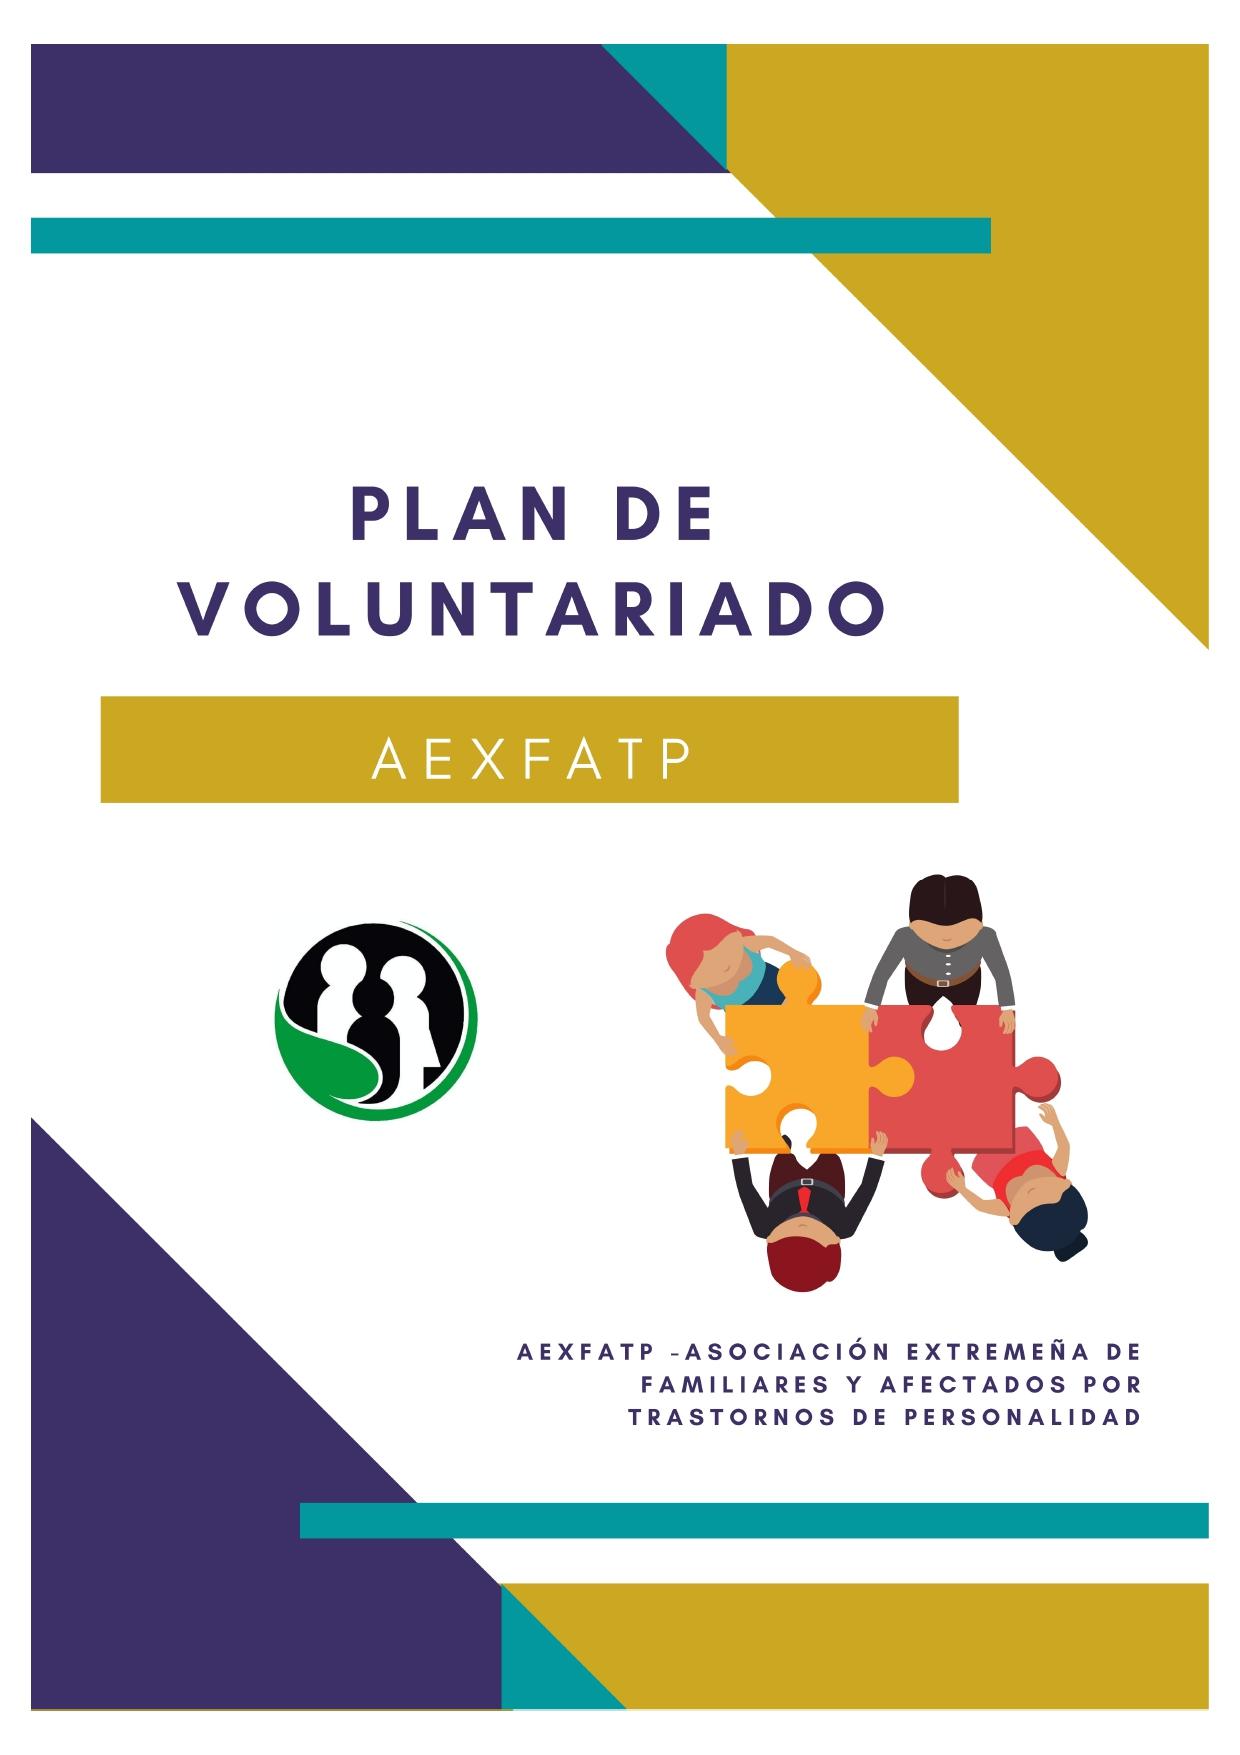 Plan de voluntariado